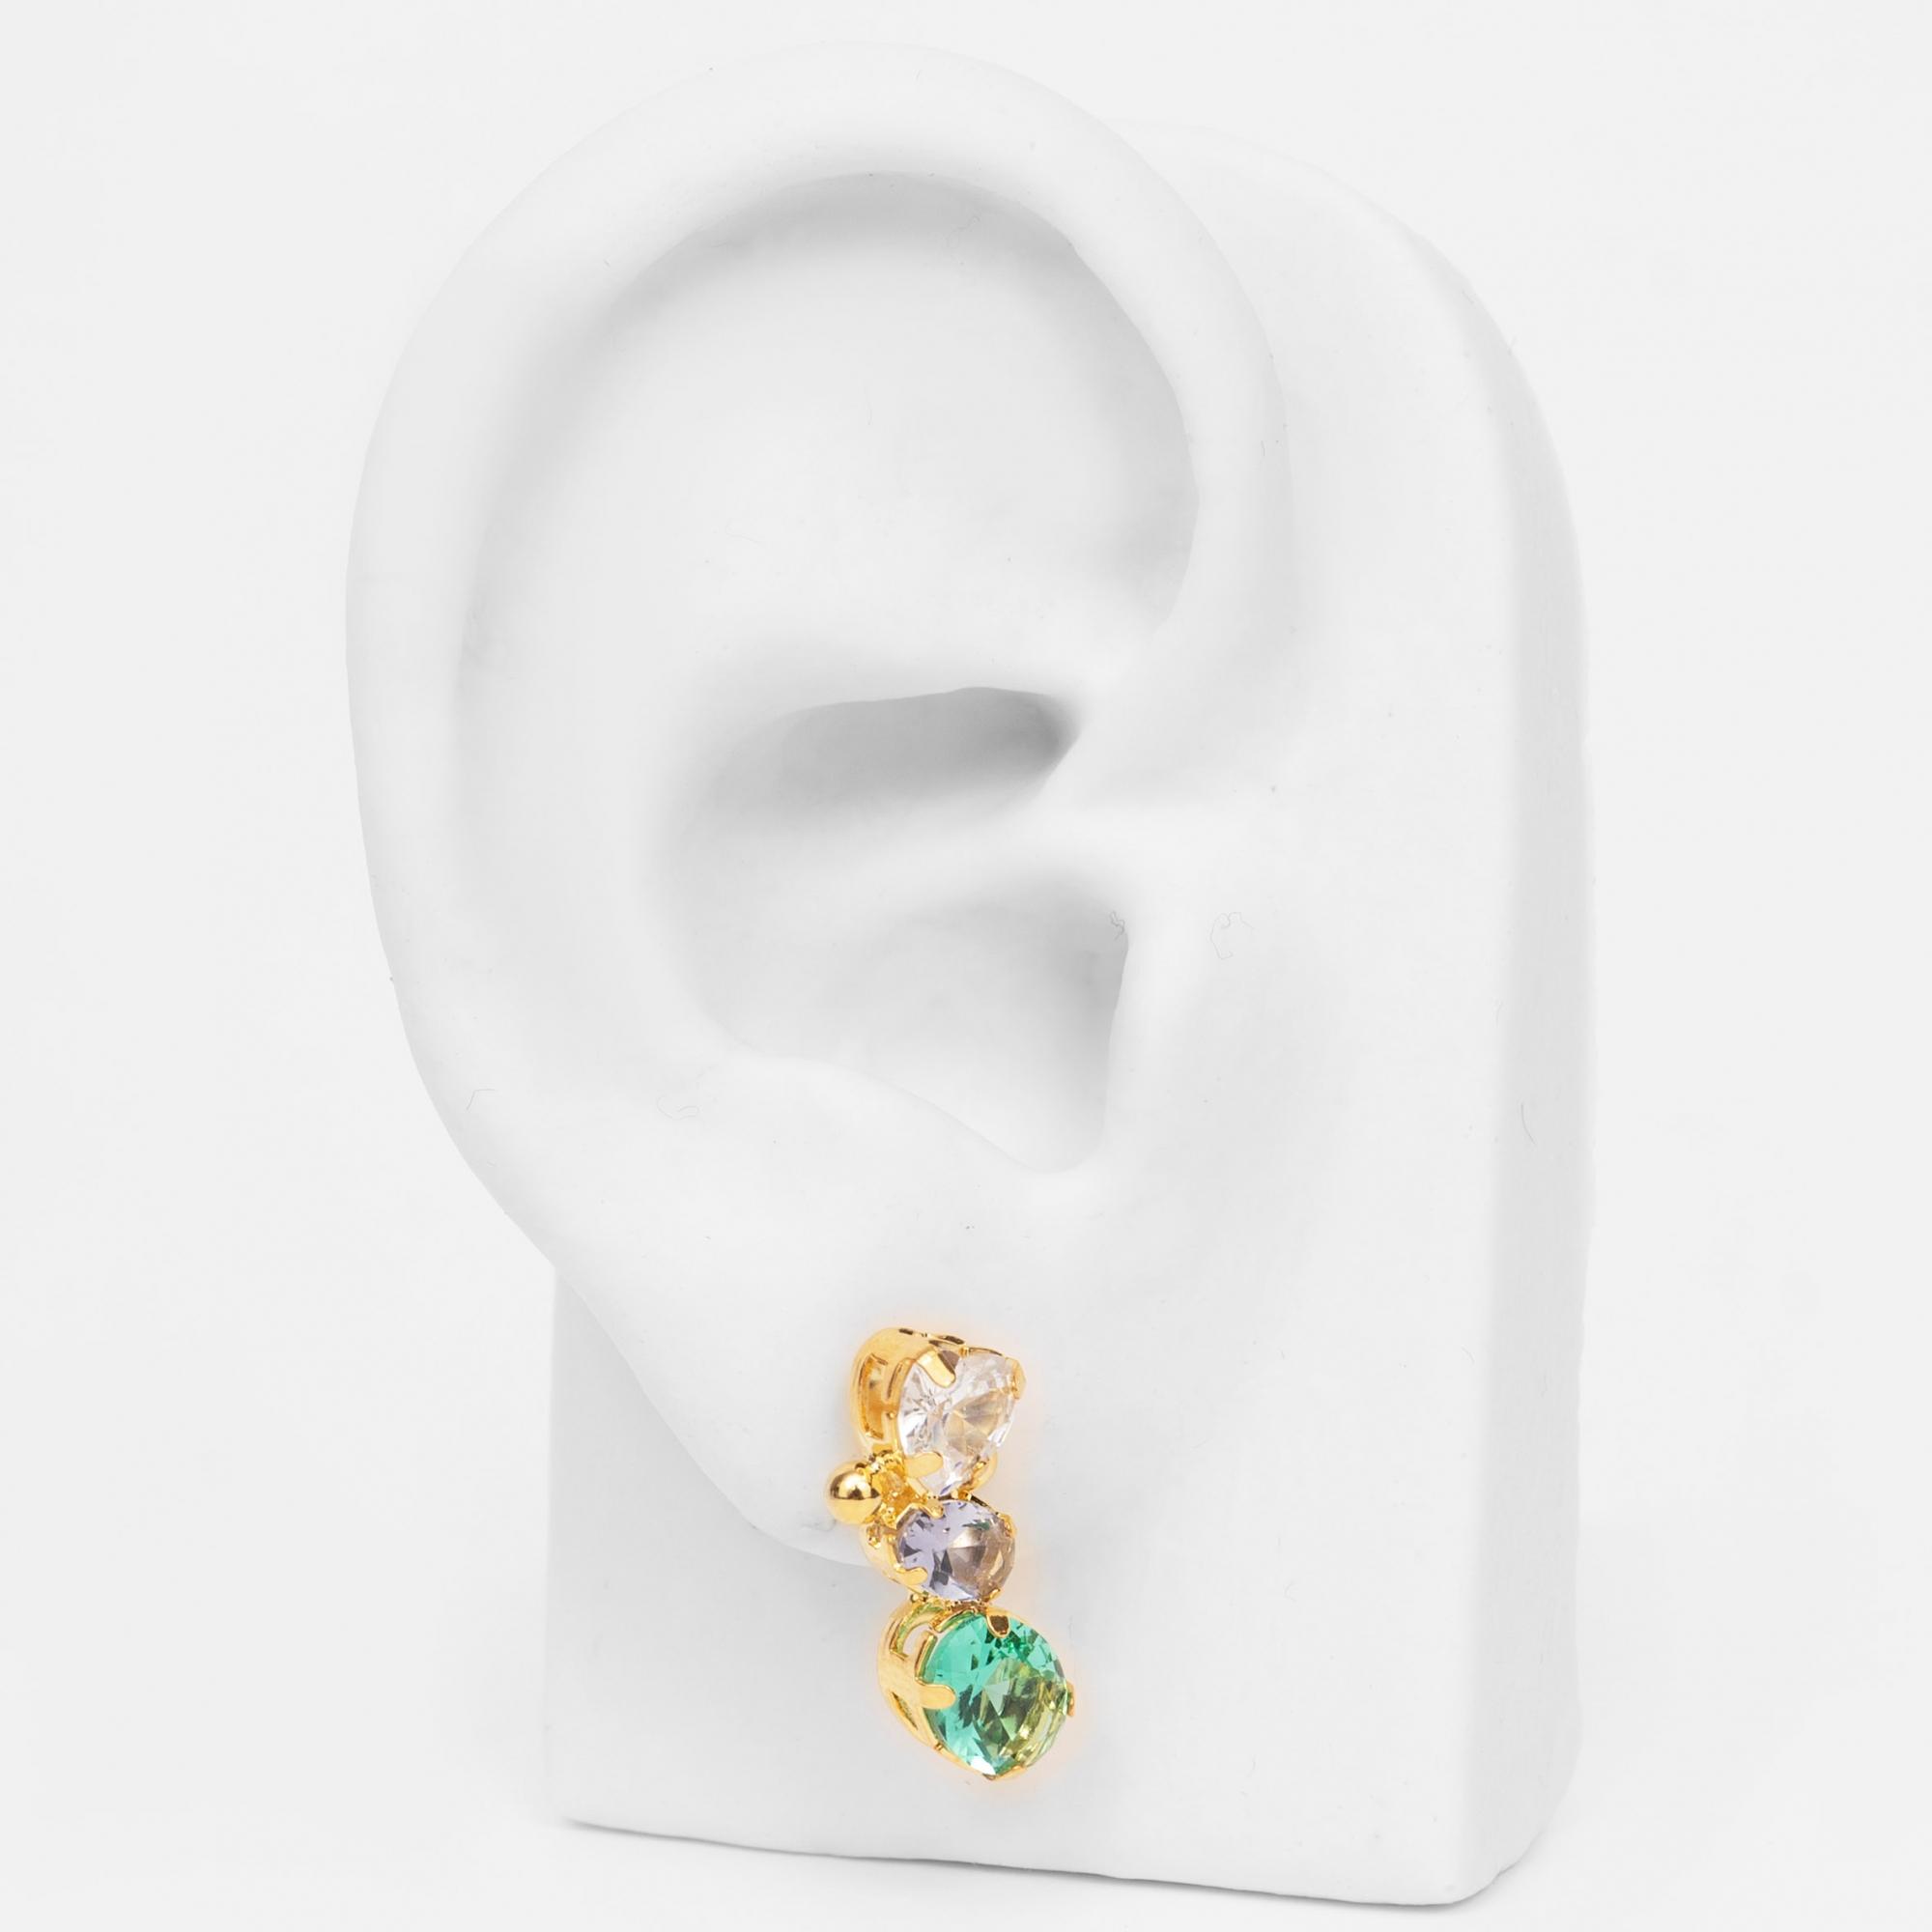 Brinco Ear Cuff com Zircônias Coração e Ovais Folheado Ouro 18k  - Lunozê Joias